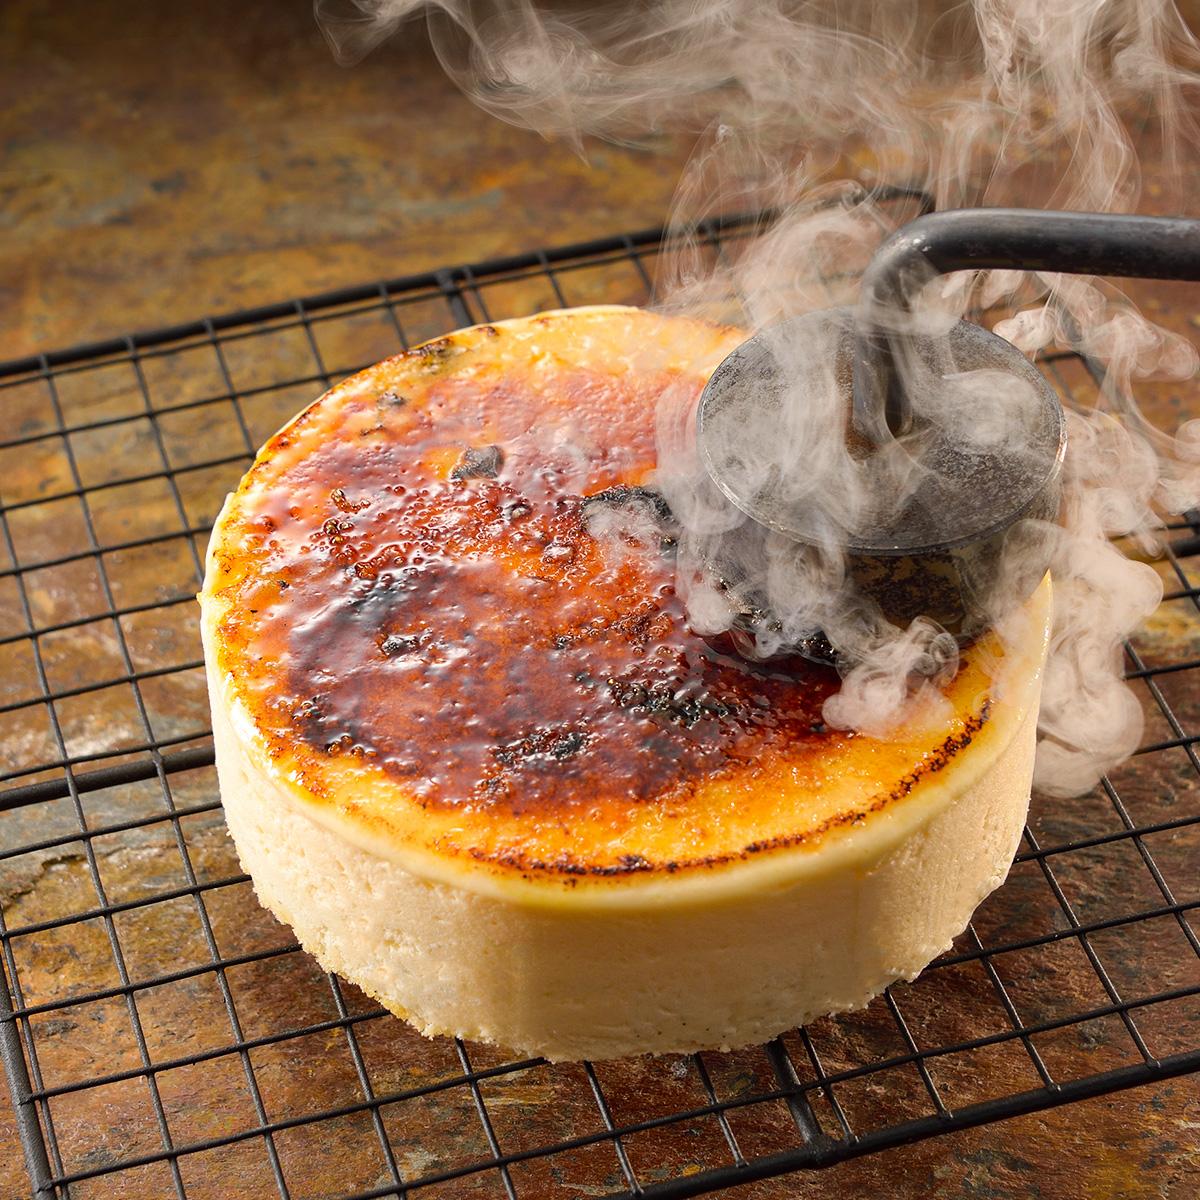 【送料込】神戸バニラフロマージュのバースデーケーキ【冷凍便】